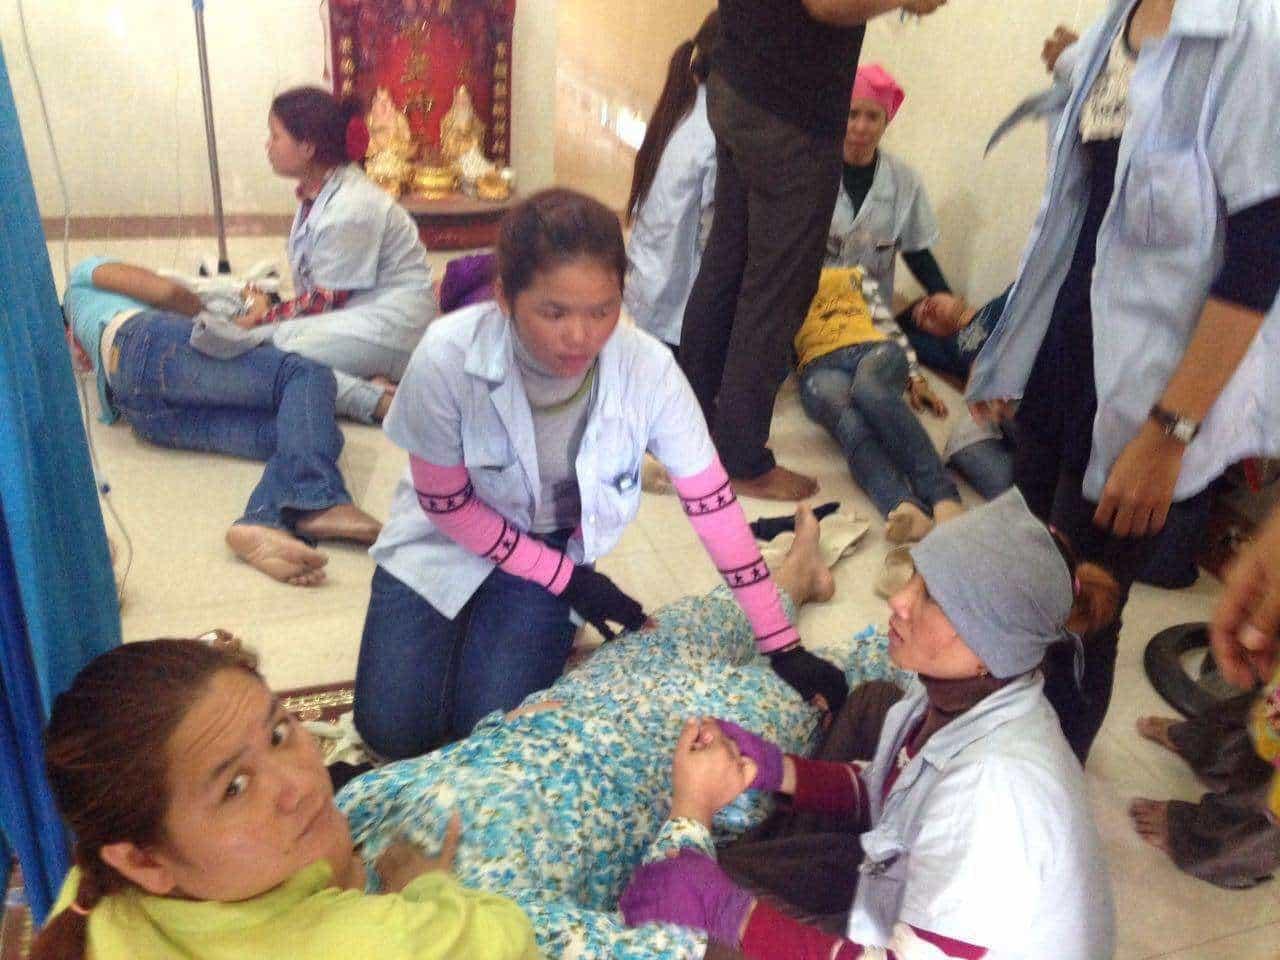 Den 24. februar besvimede 40 syersker på Bestsellers fabrik. Syerskerne bliver behandlet med saltvandsdrop, der skal genetablere deres væskebalance